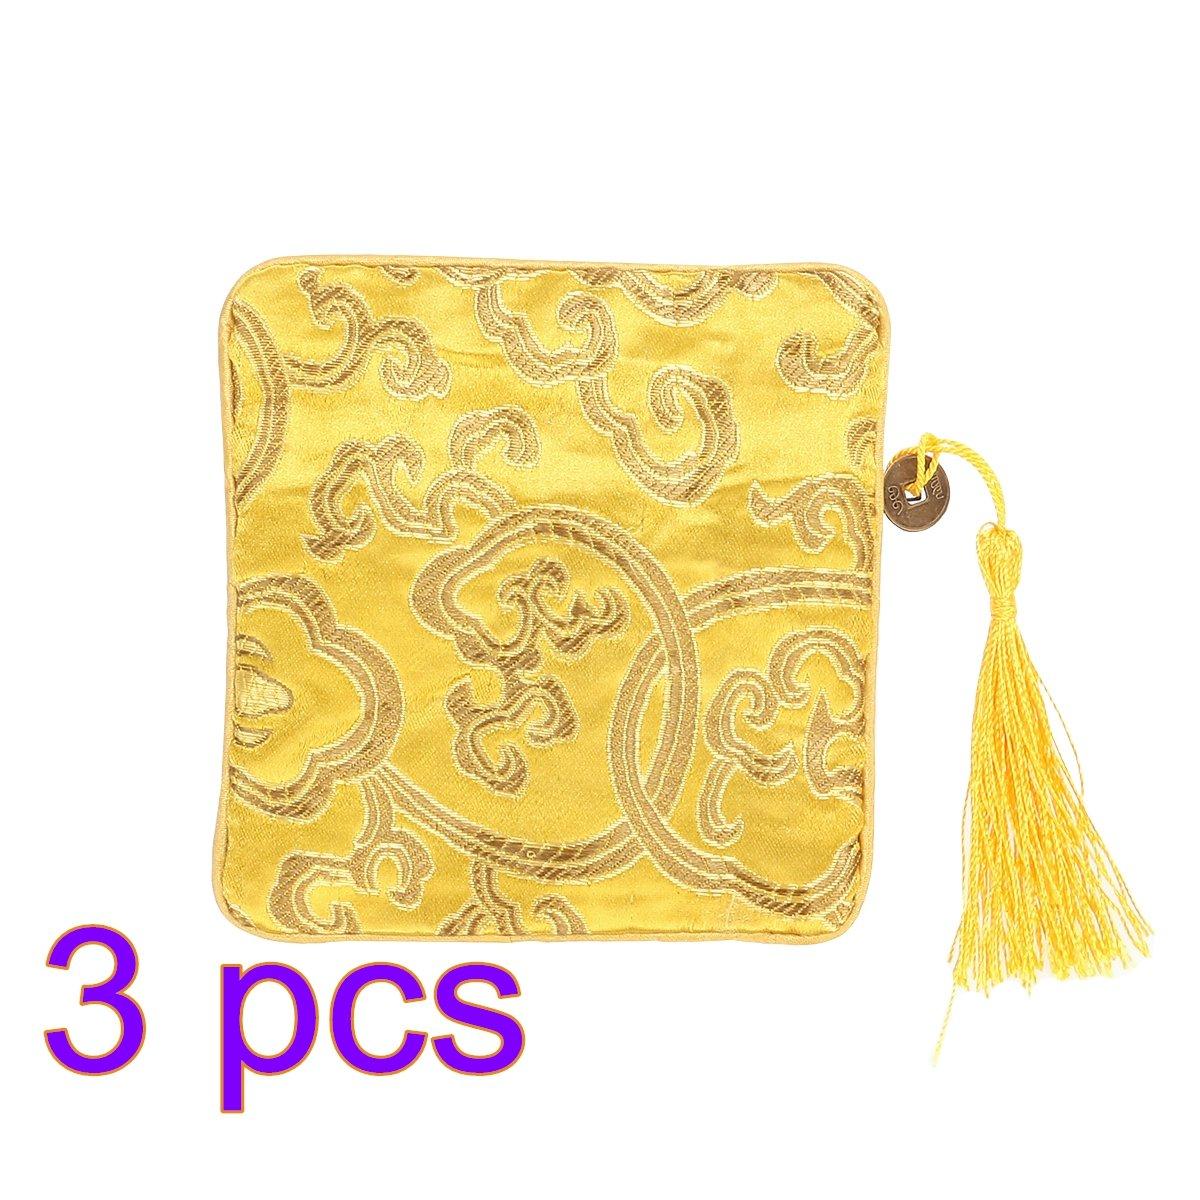 OULII Sac en trousse chinoise en soie Sac à monnaie Brocade brodé Tassel Zipper Wallet Ensemble de 3 (jaune vif) L183321MLBGK5476